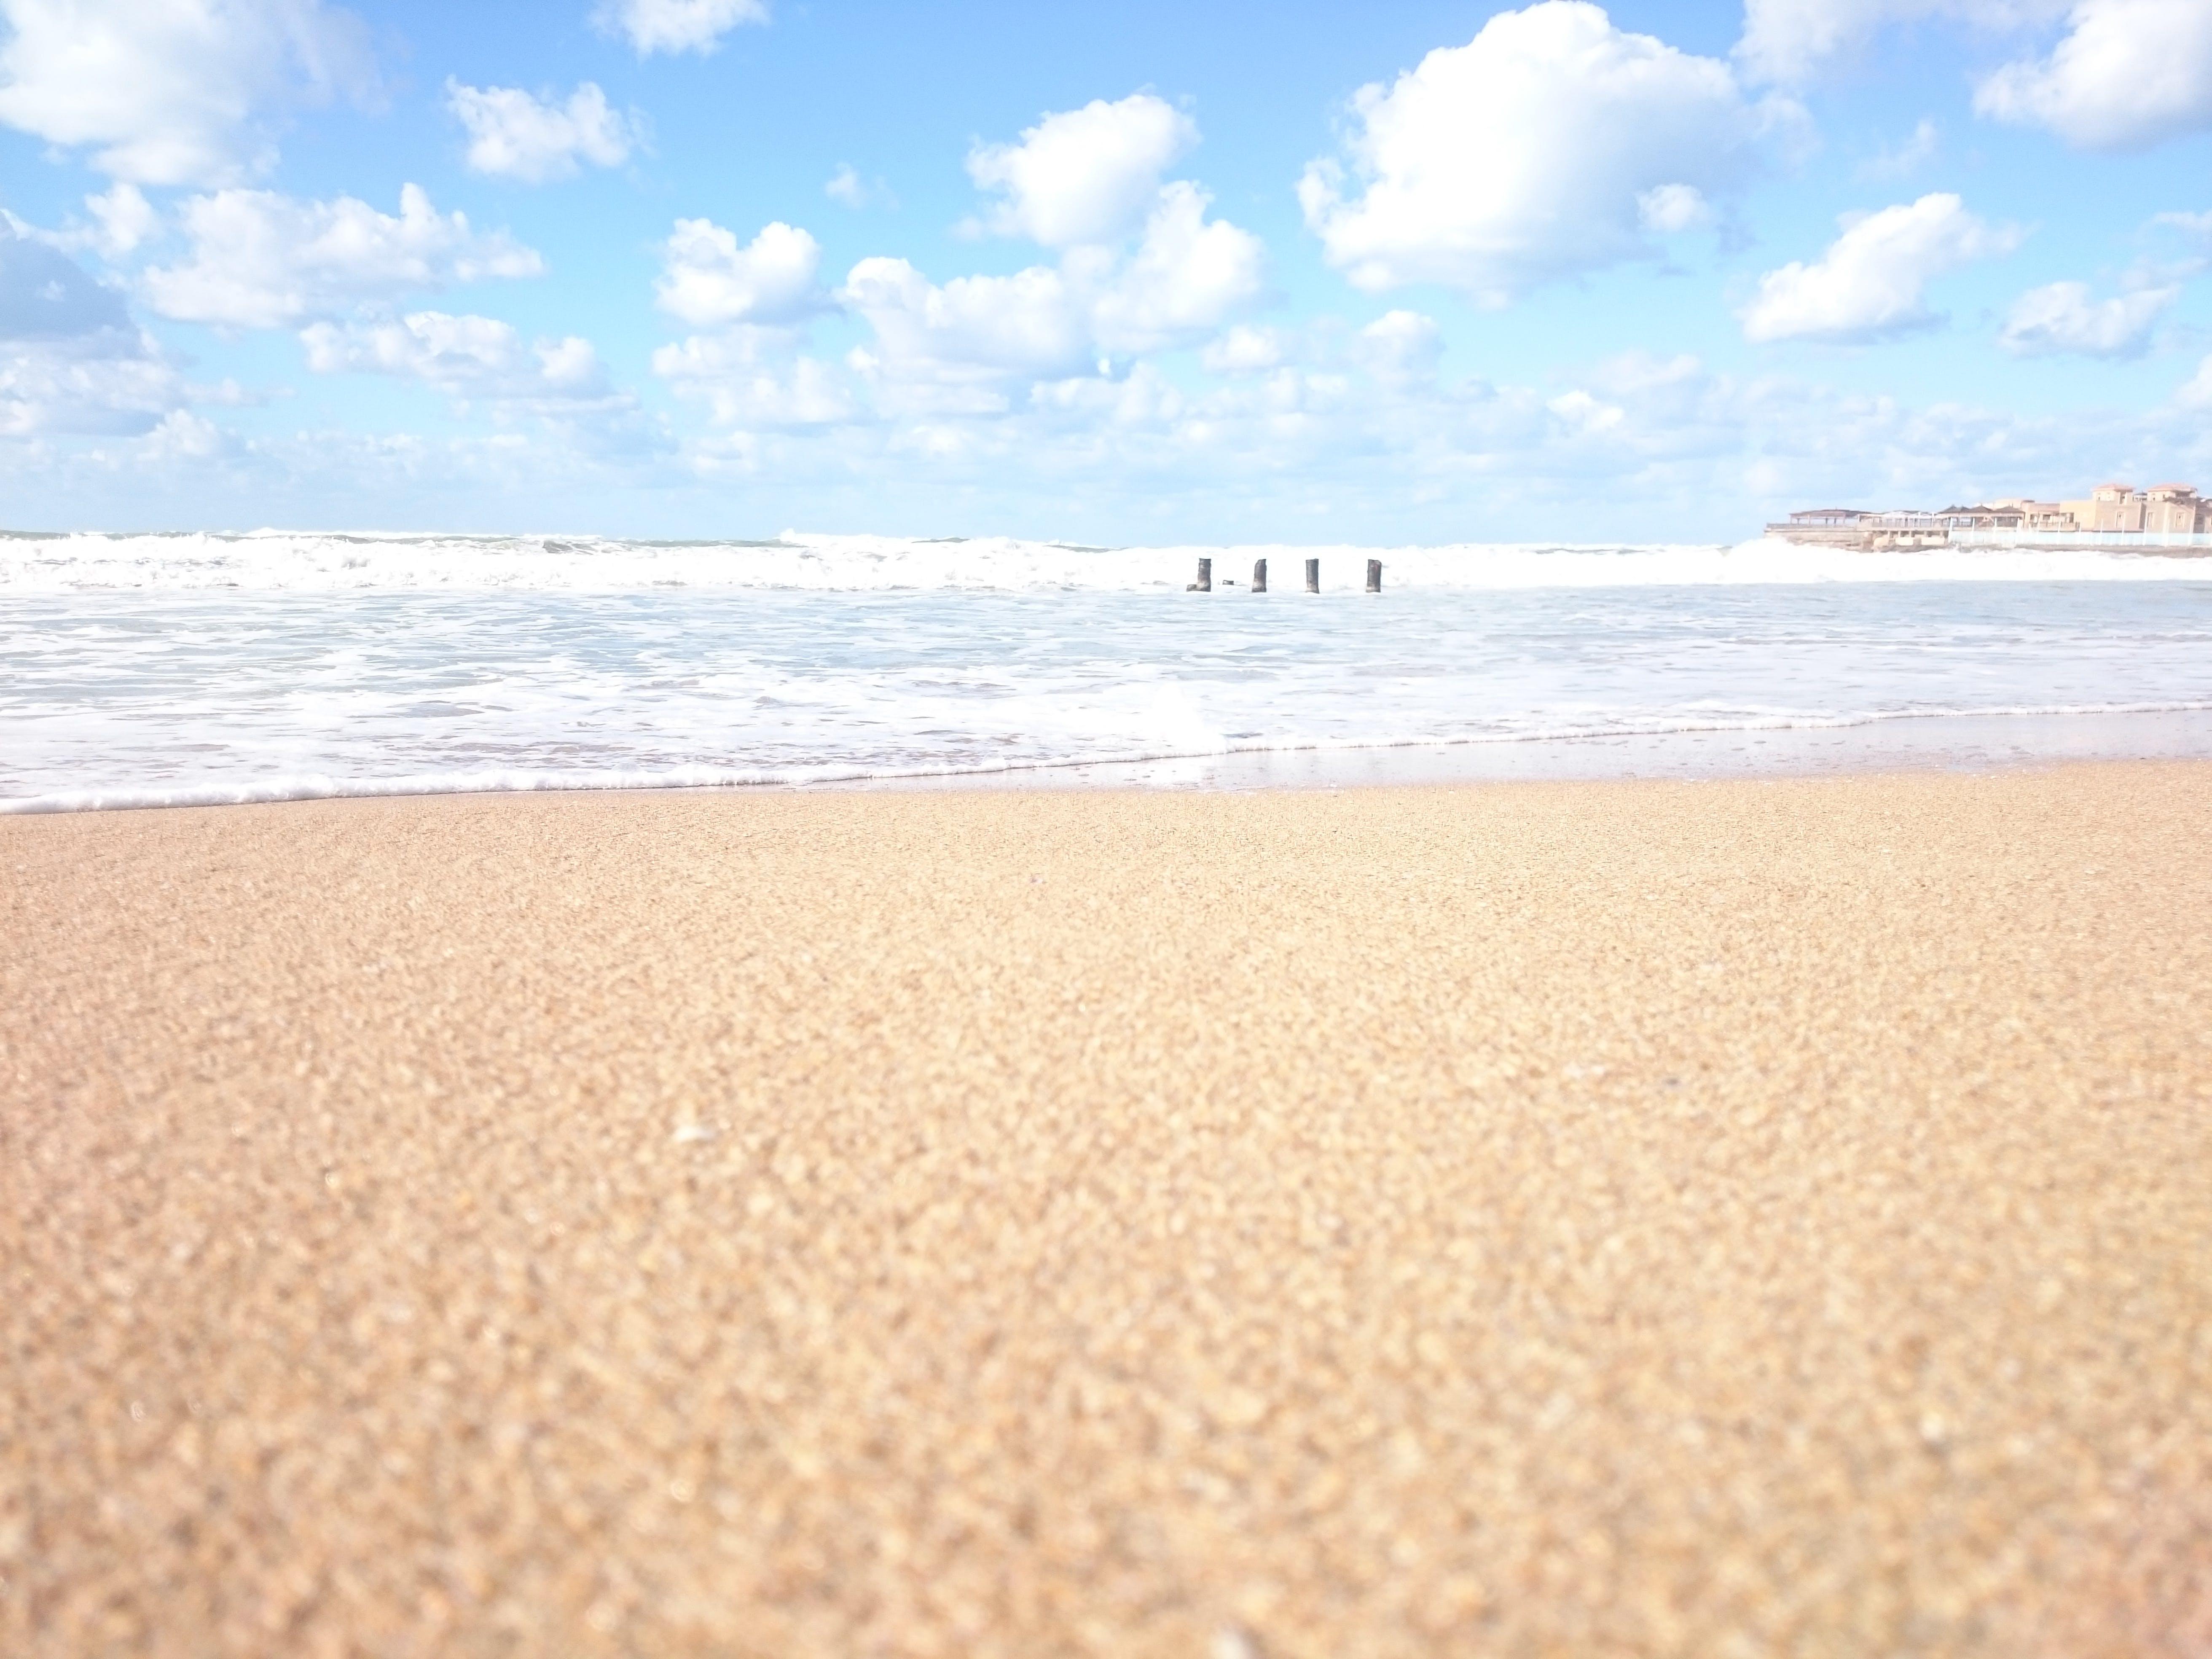 Sea Wave in Shoreline